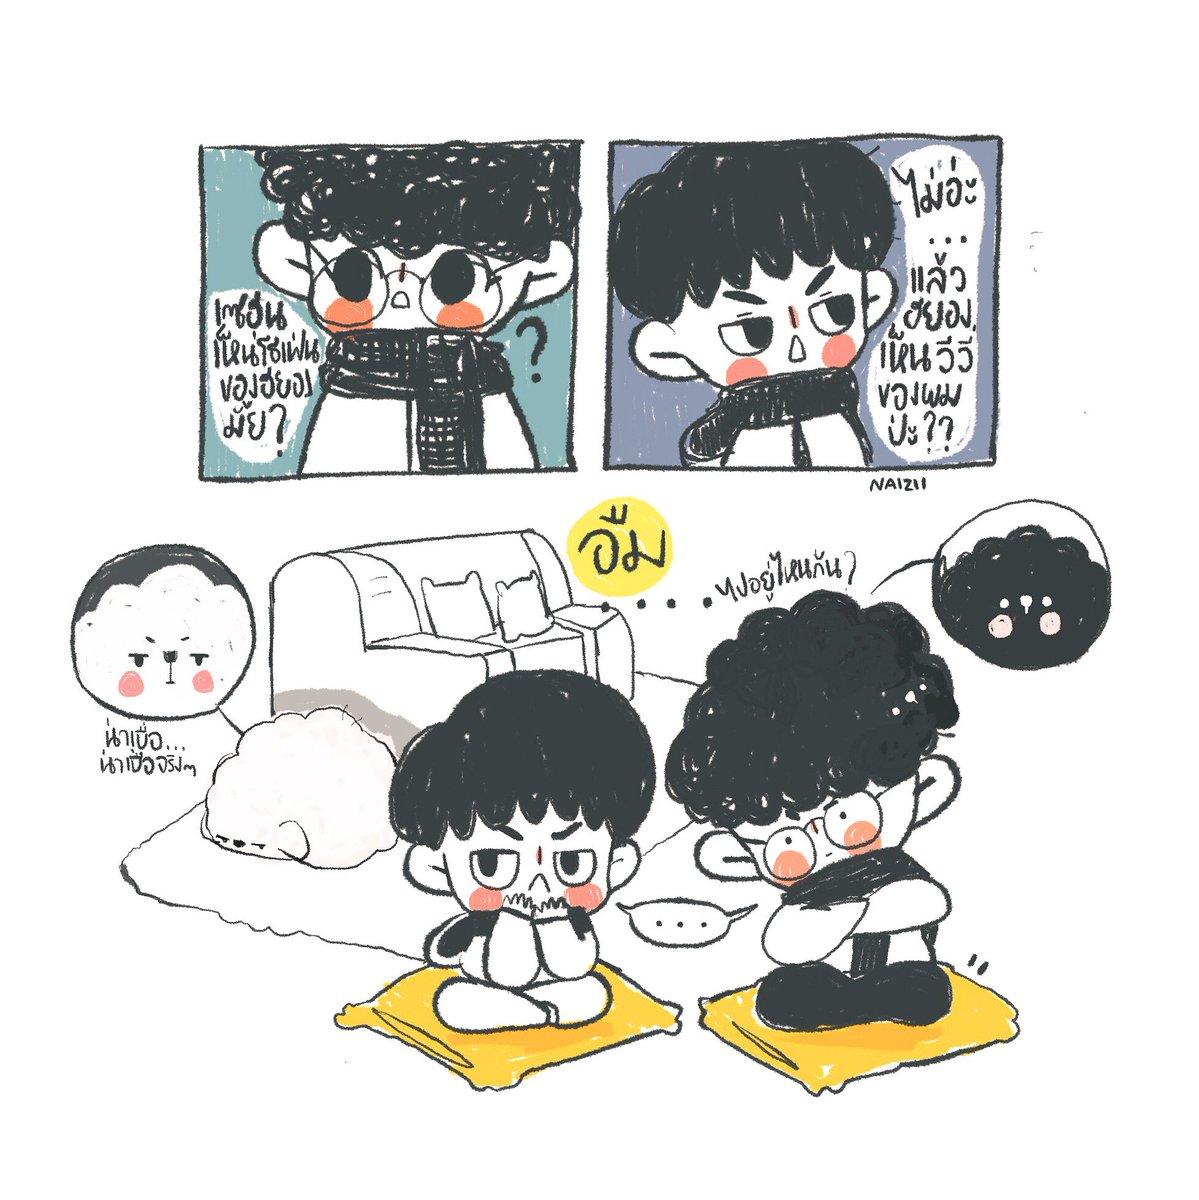 """""""เซฮุนเห็นโธเฟ่นของฮยองมั้ย"""" """"ไม่อ่ะ.... แล้วฮยองเห็นวีวี่ของผมป้ะ...""""  อืม............ #chanyeol #sehun https://t.co/9hdXyfmneE"""